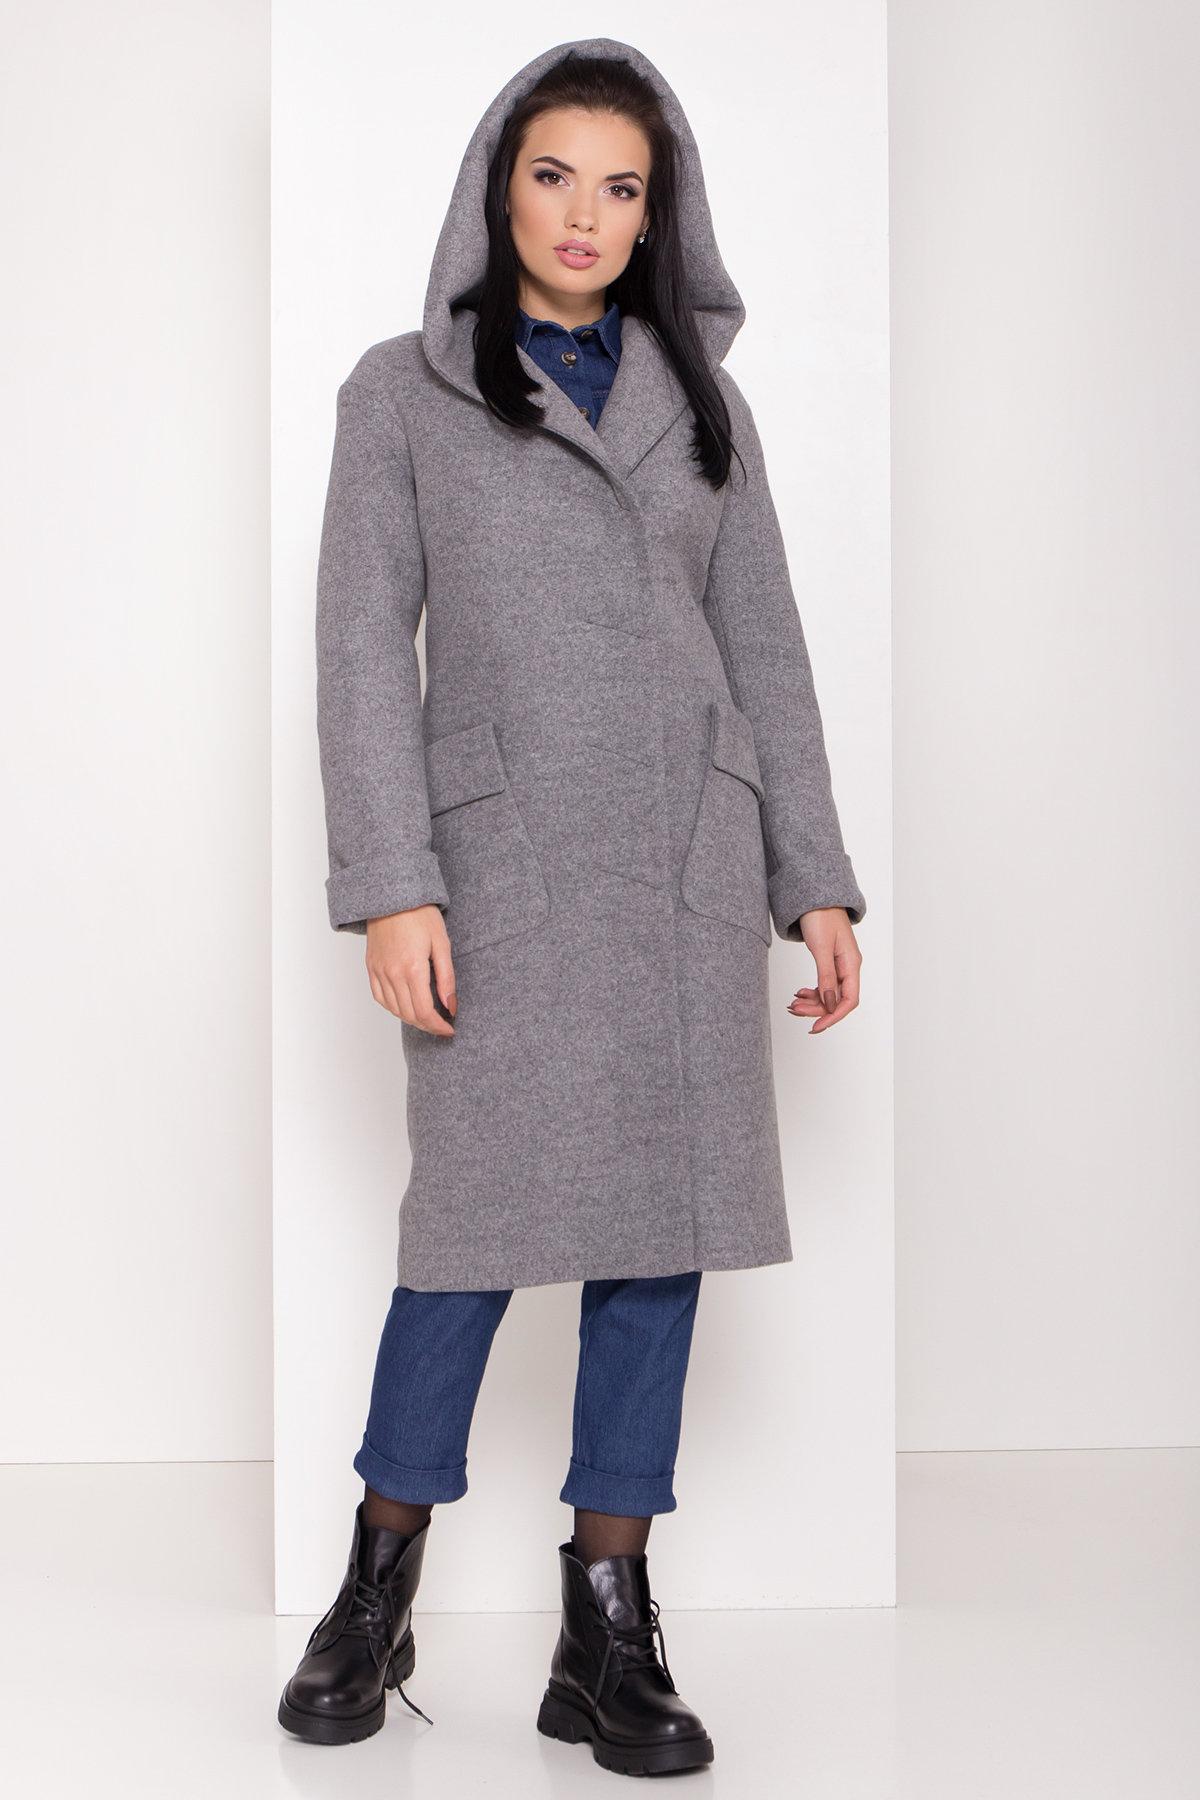 Женское пальто зима с накладными карманами Анджи 8299 АРТ. 44423 Цвет: Серый меланж - фото 2, интернет магазин tm-modus.ru